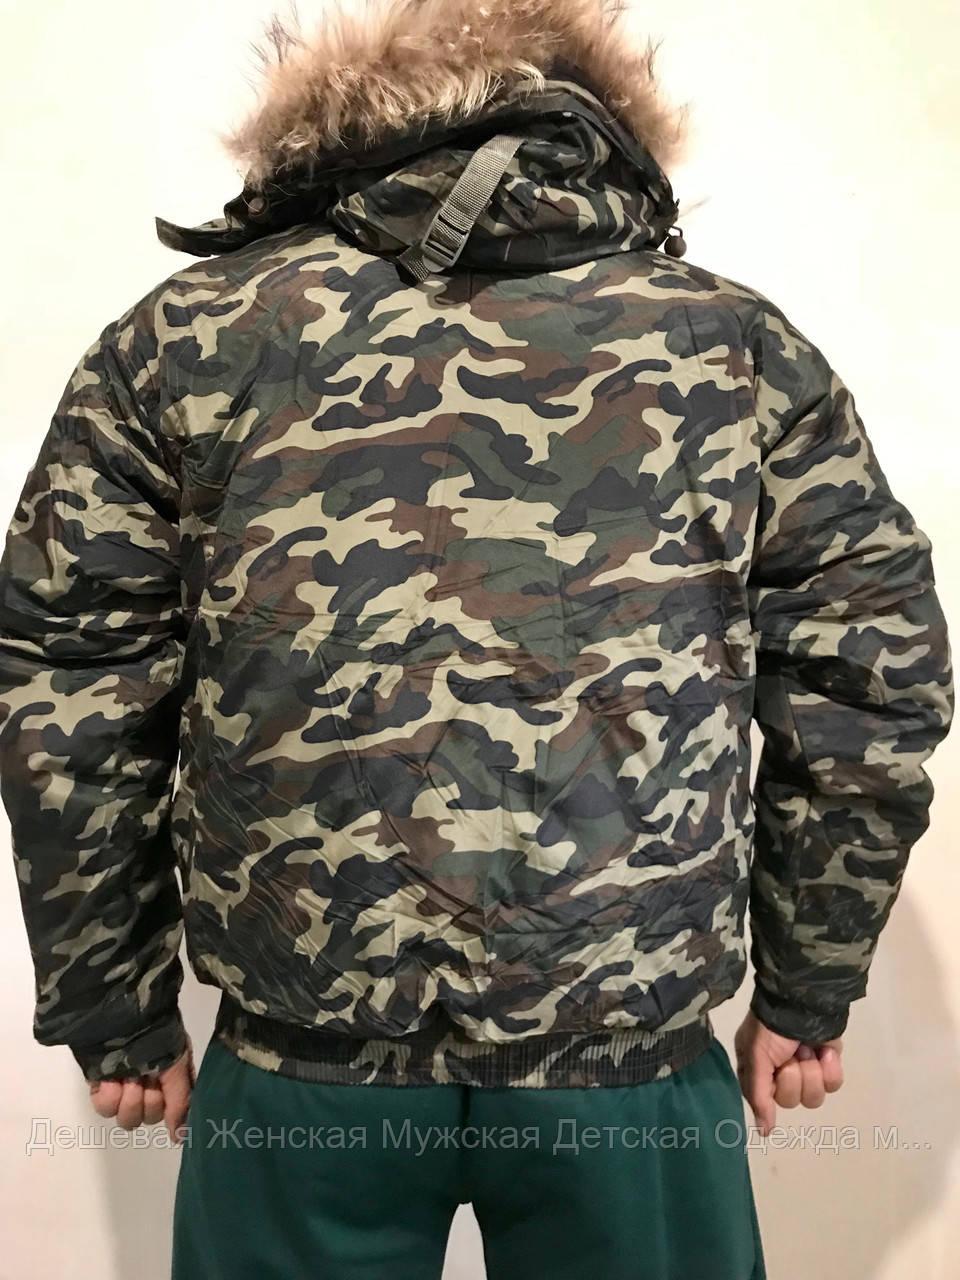 Куртка мужская зима к-во Ограничено